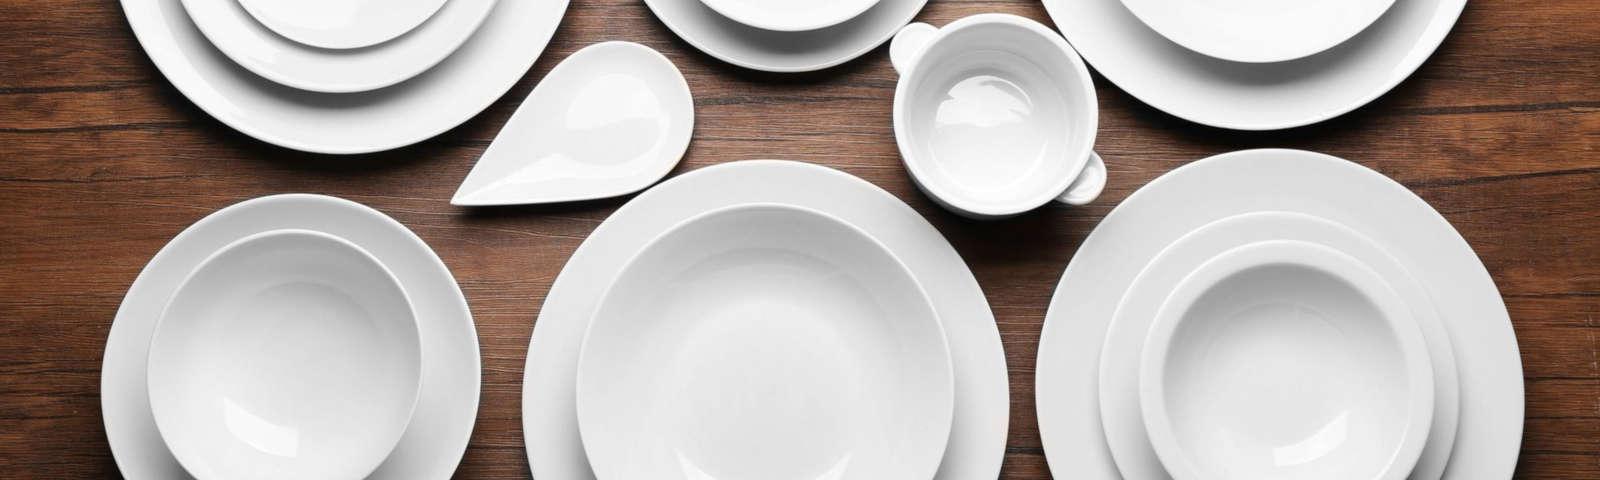 тарелки красивые фото